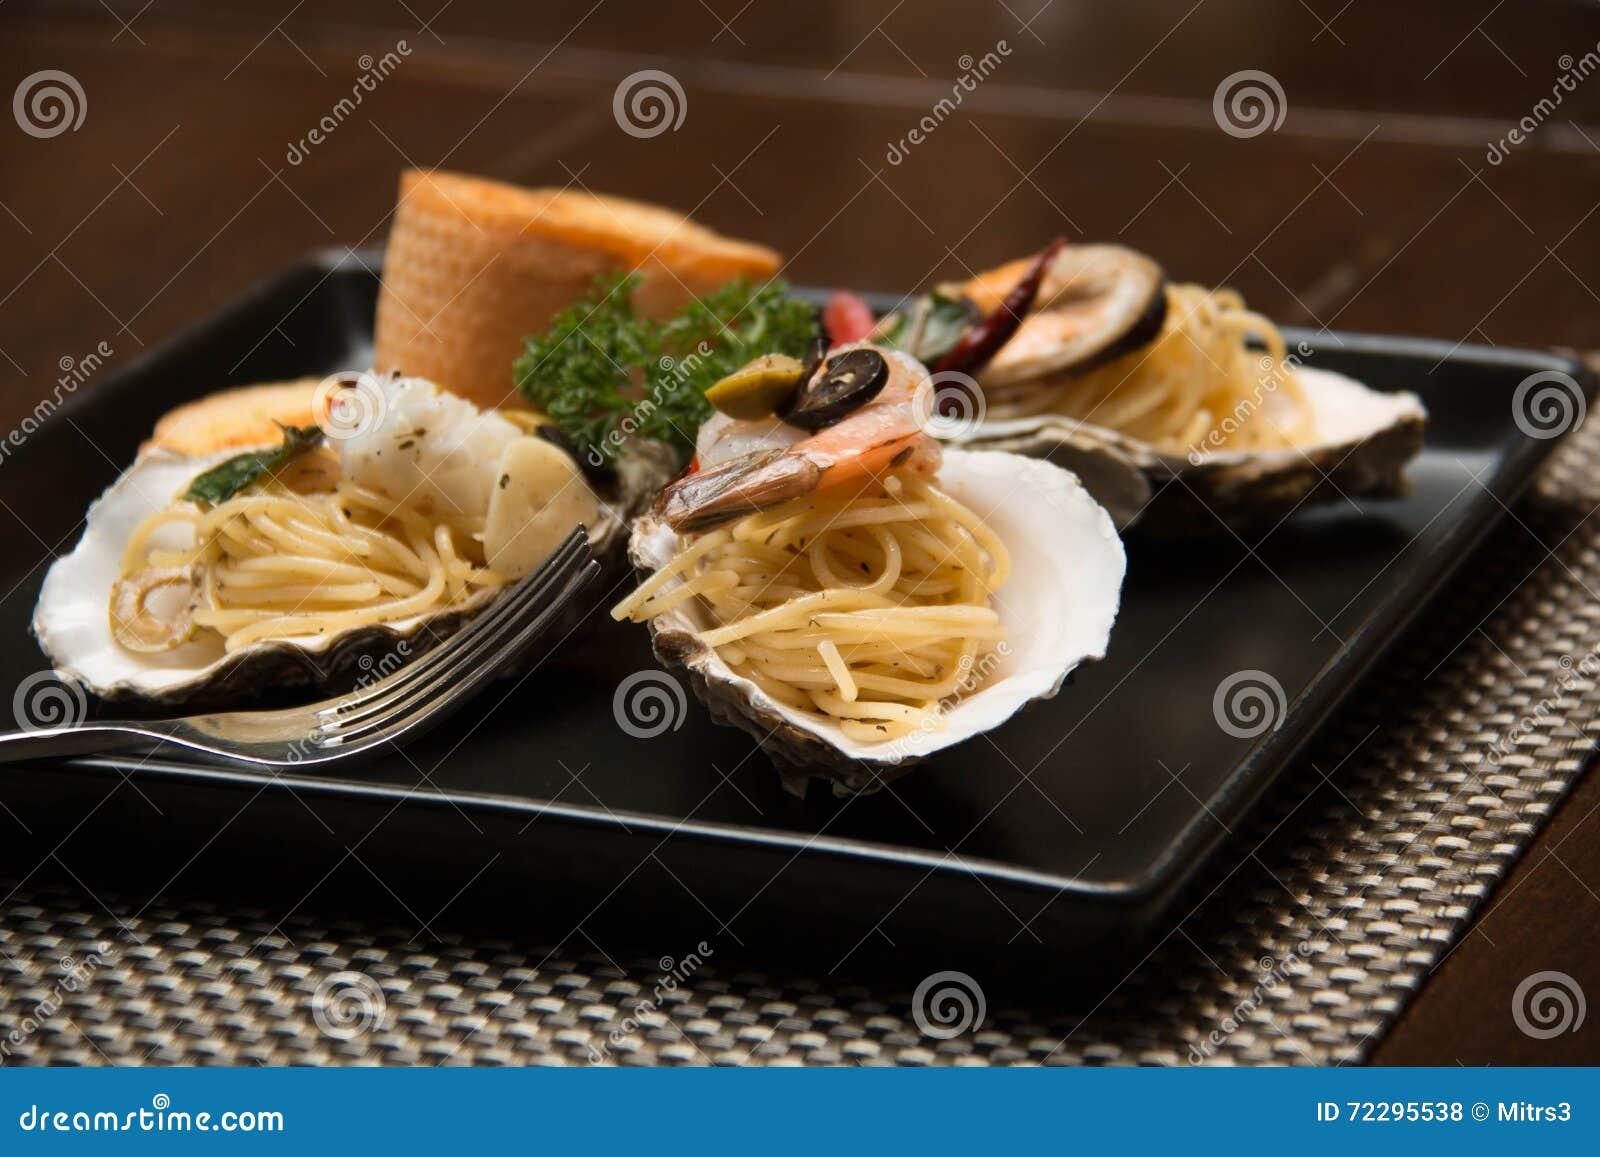 Download Морепродукты спагетти макаронных изделий очень вкусные в раковине Стоковое Фото - изображение насчитывающей свеже, кухня: 72295538